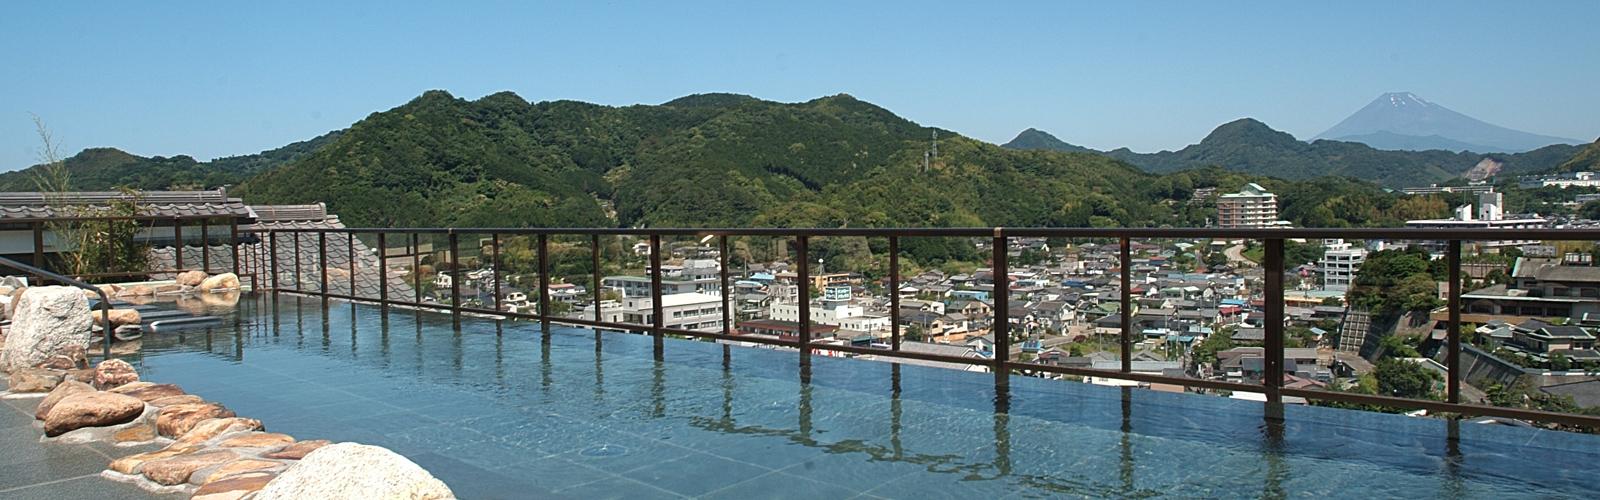 伊豆 ニュー八景園 天空風呂の写真